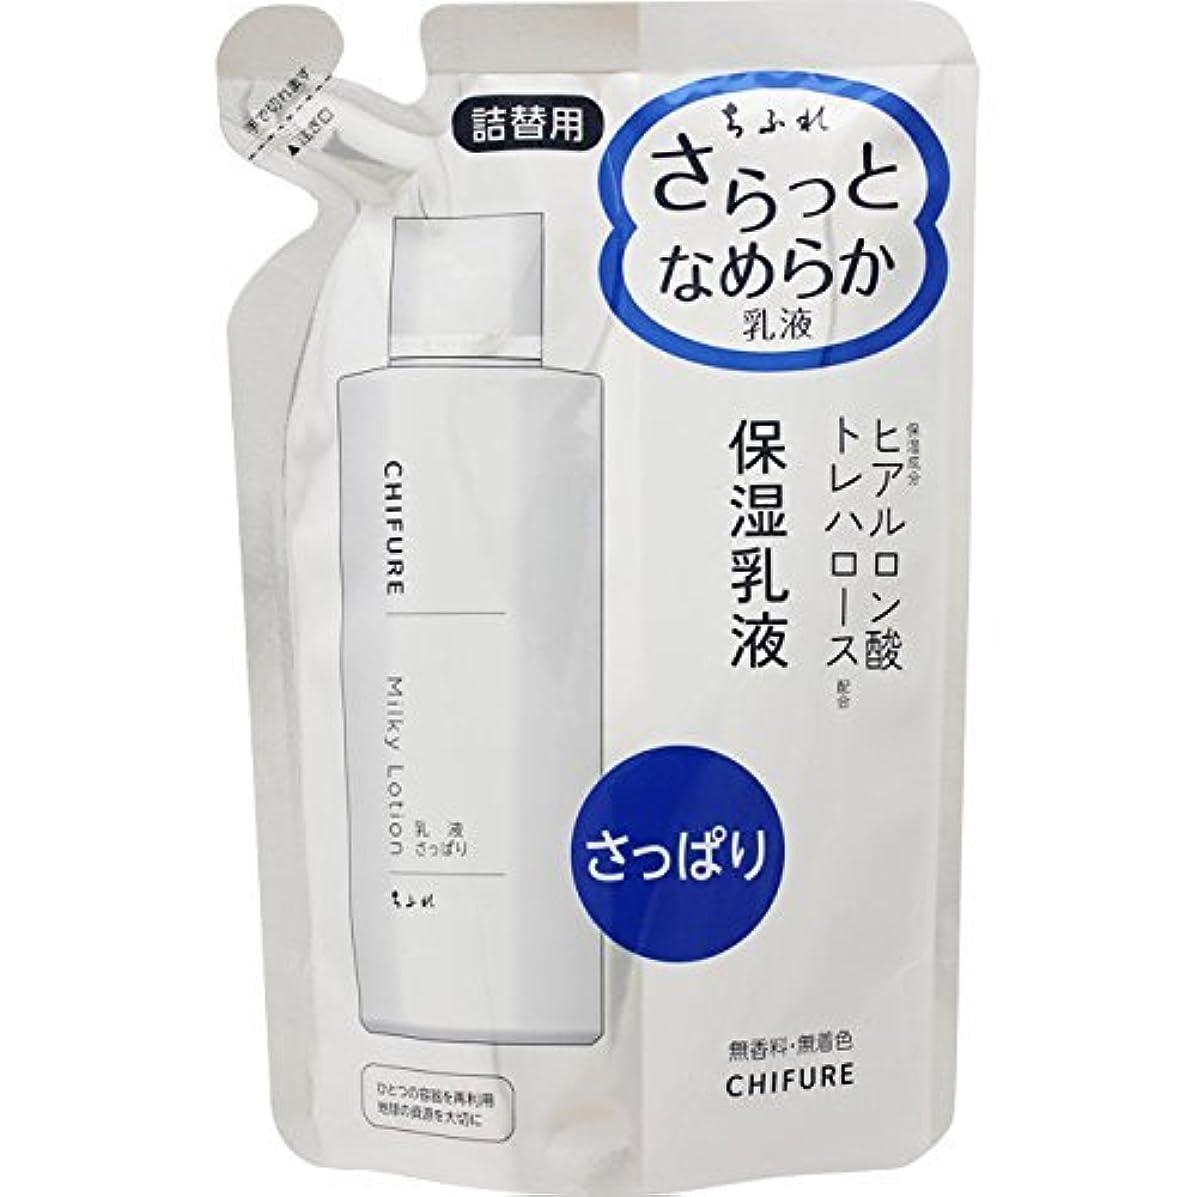 調和のとれたアイドルモンゴメリーちふれ 乳液さっぱりタイプN詰替用 150ML